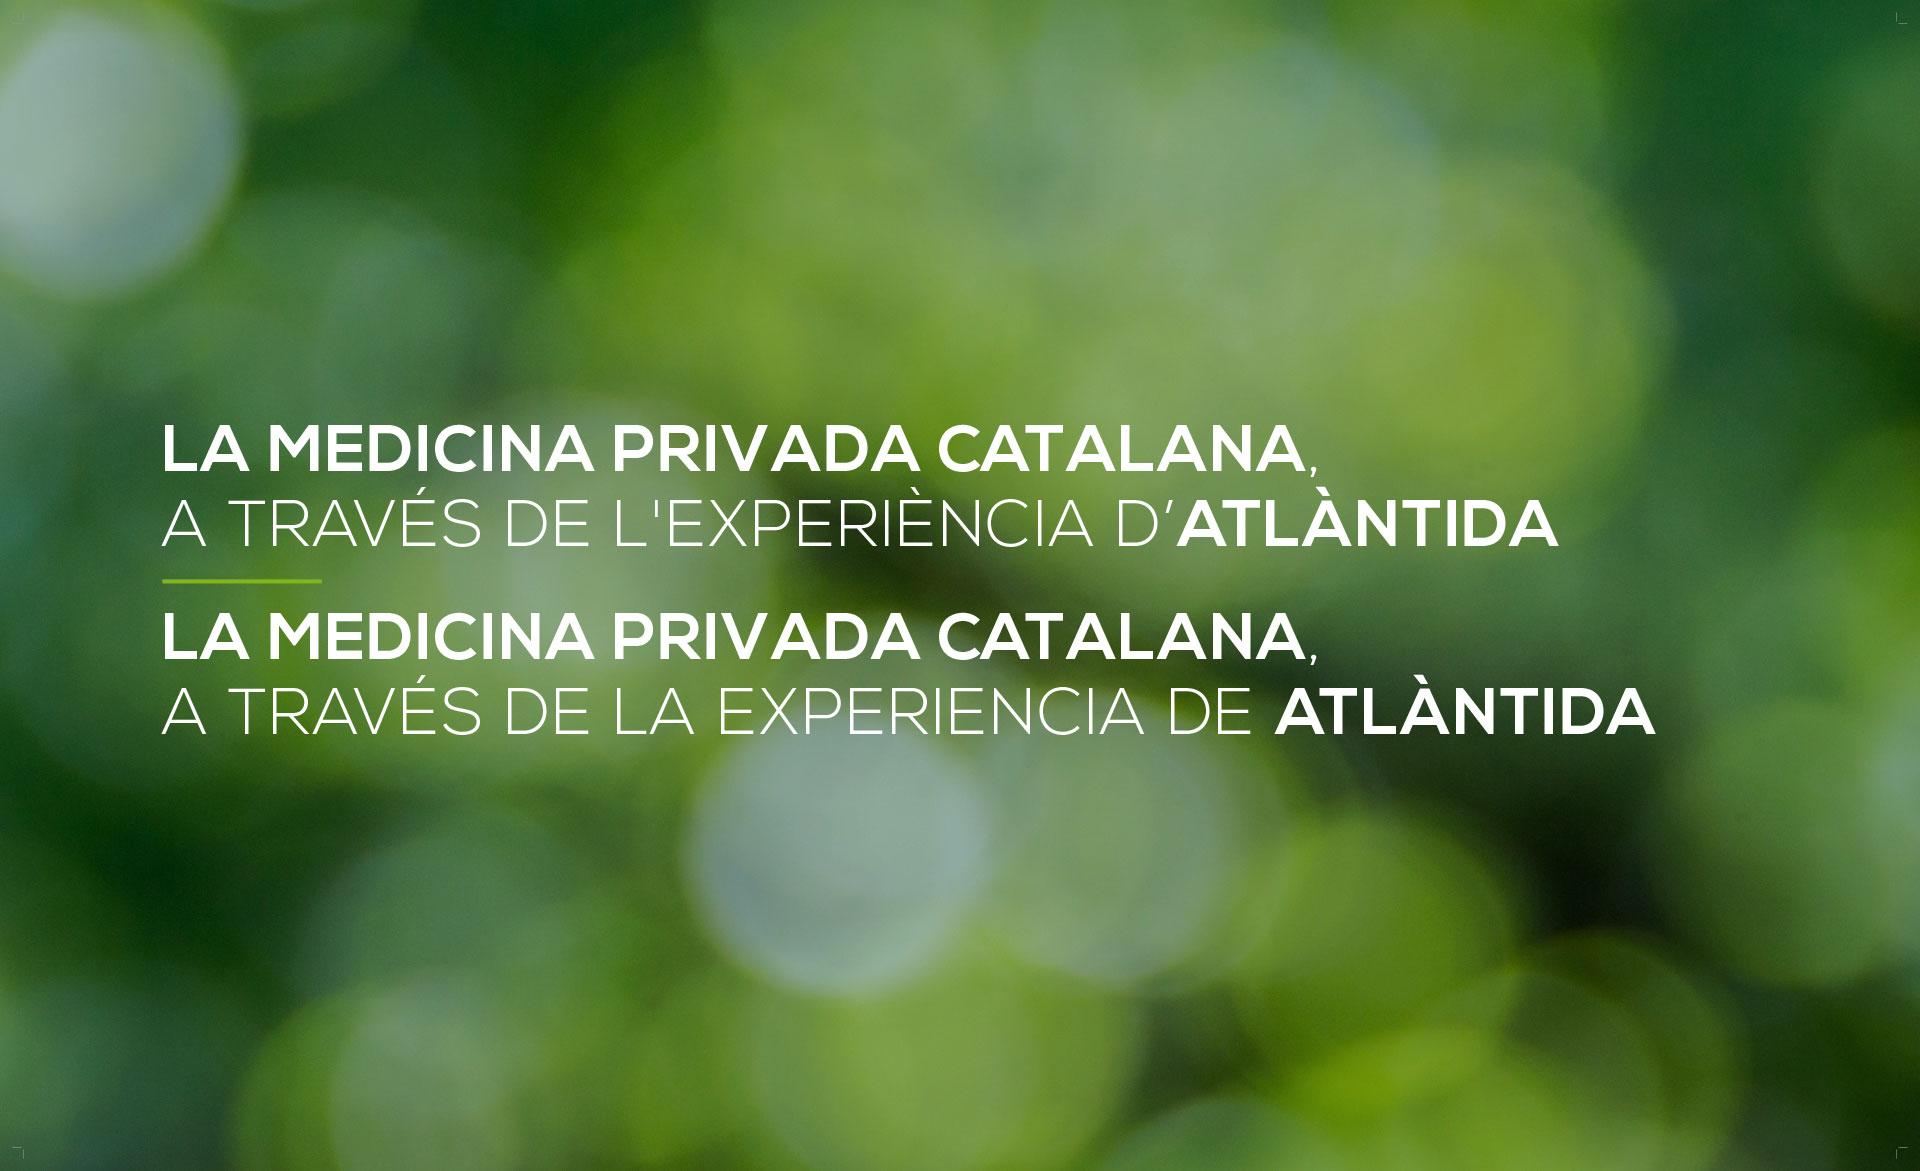 història de la medicina privada catalana